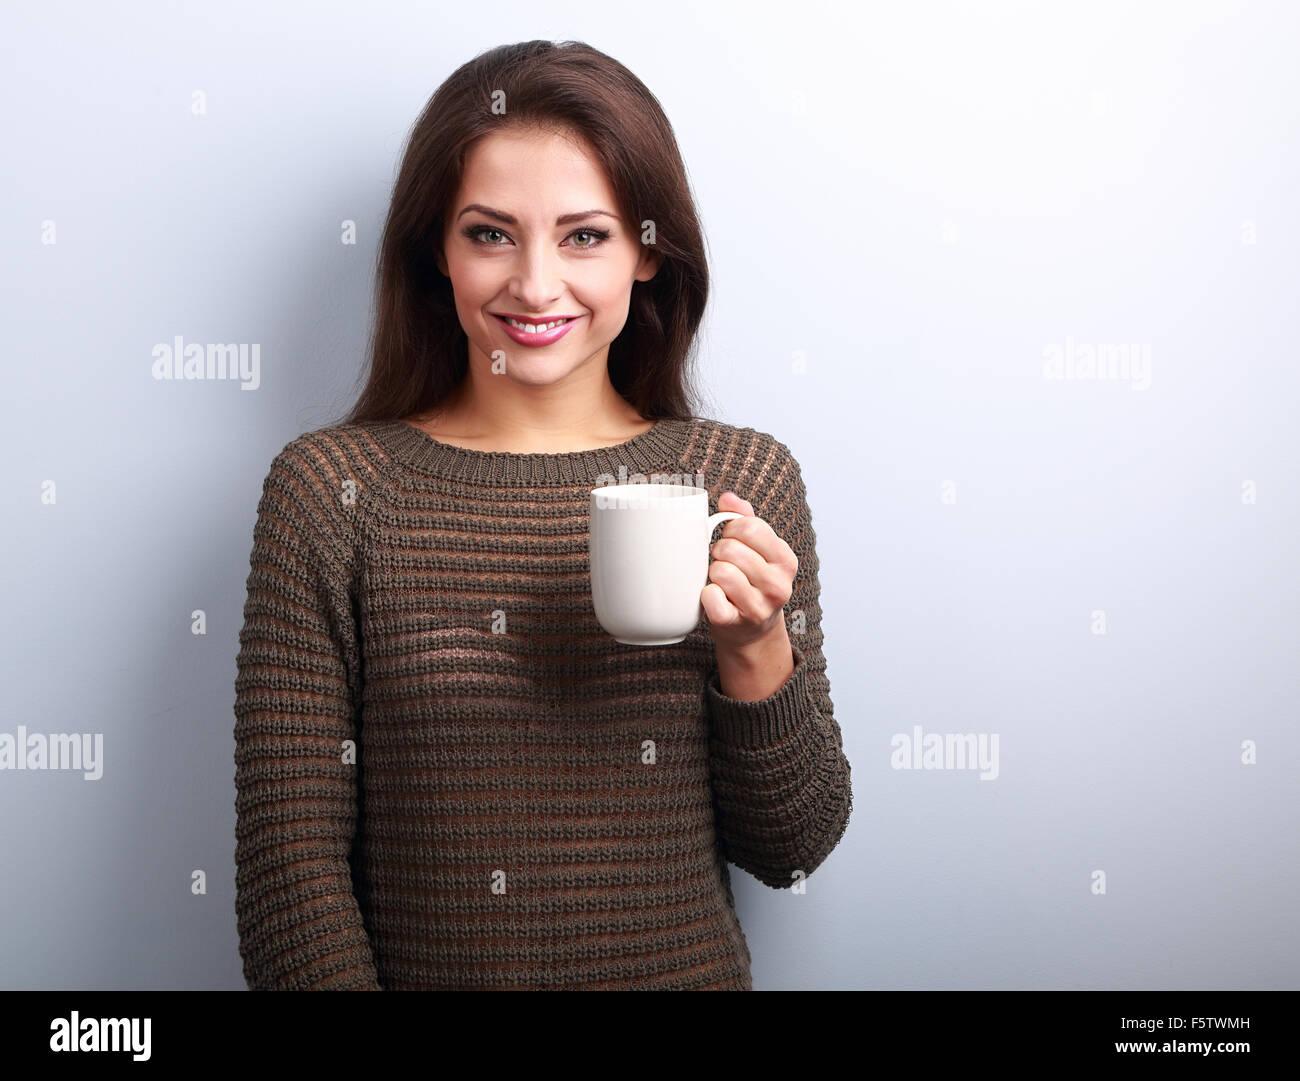 Lächelnde lässige junge Frau mit Tasse Tee suchen glücklich auf blauem Hintergrund Stockbild